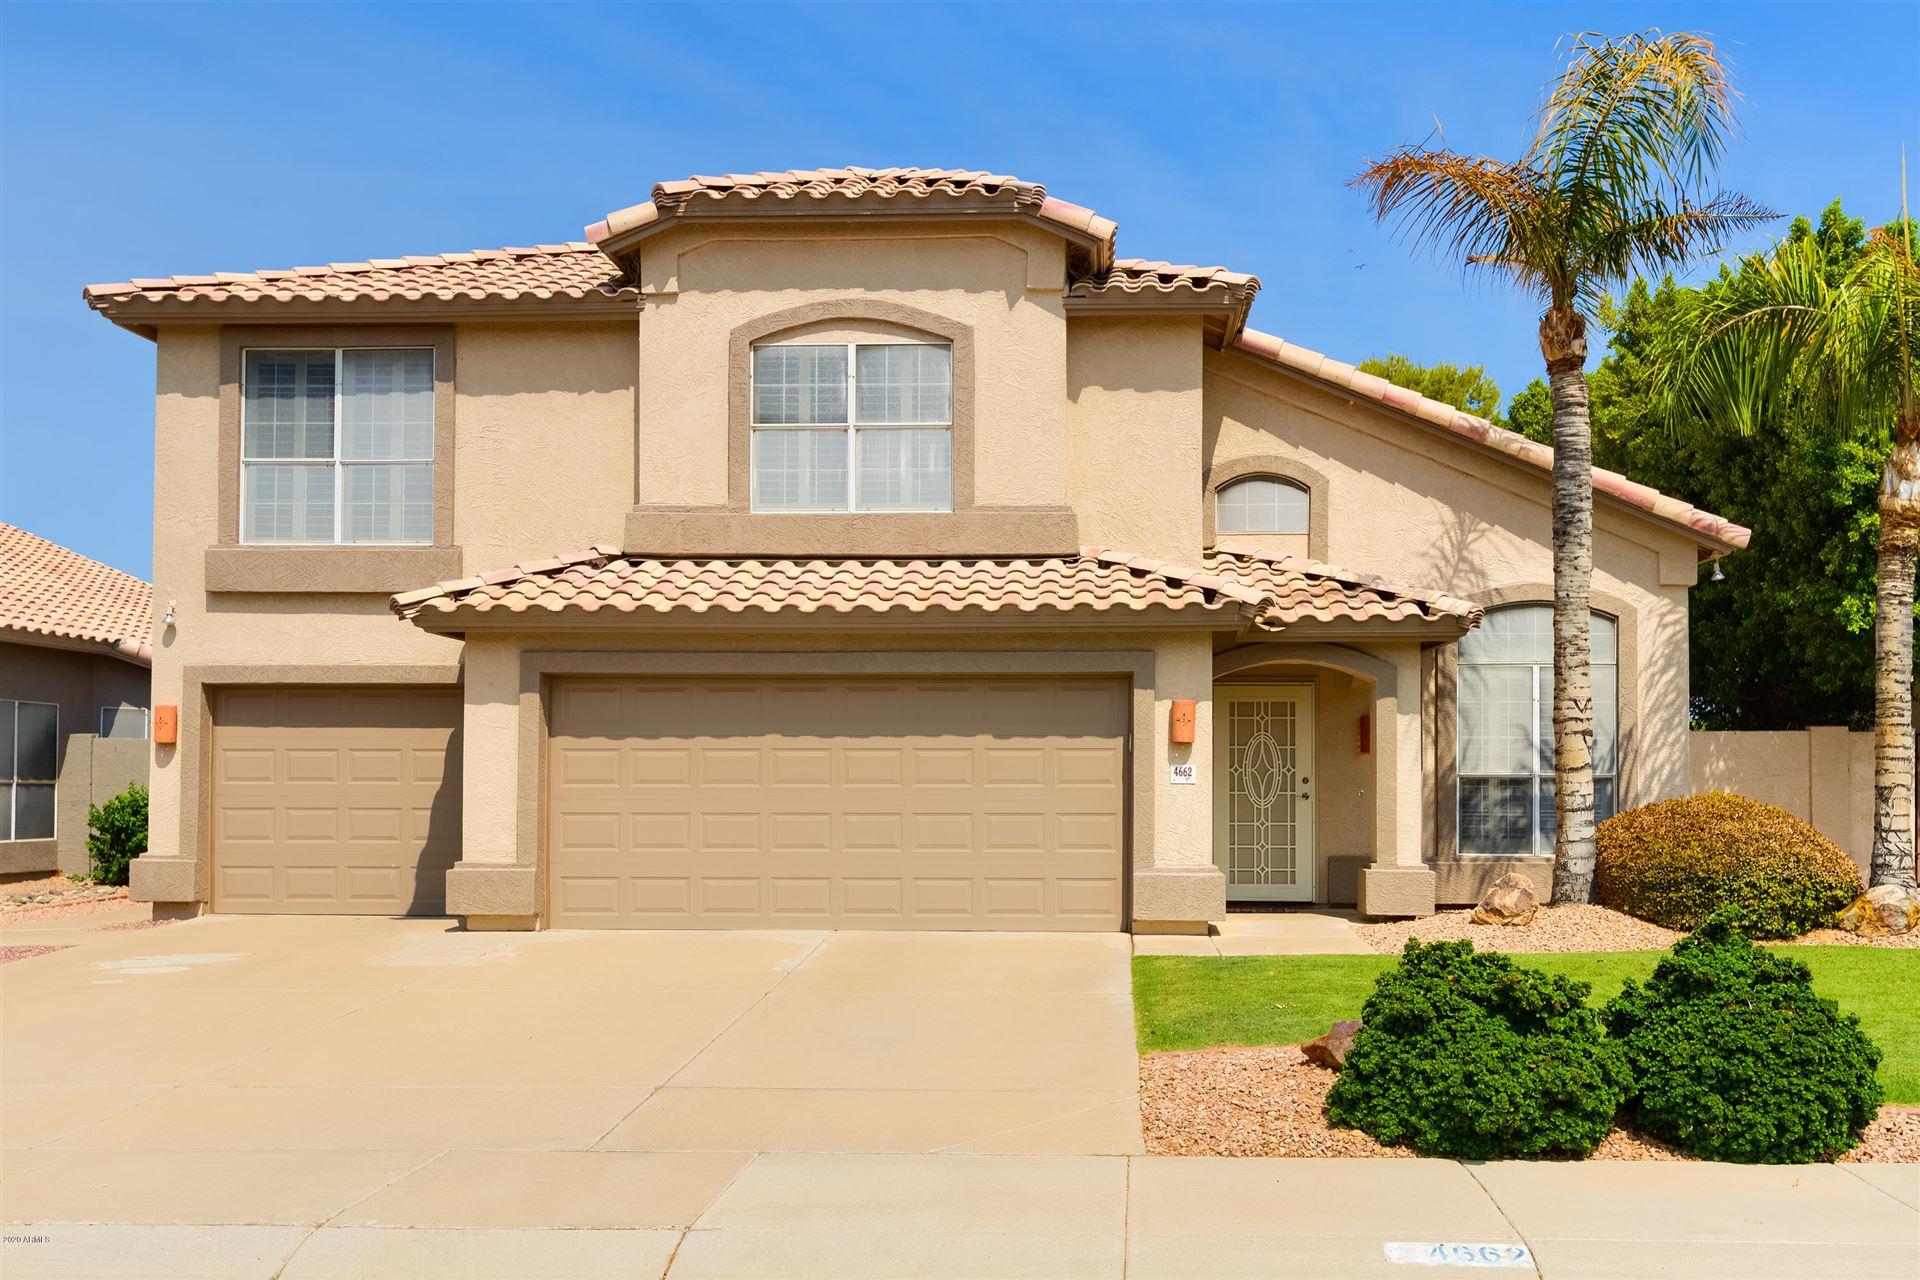 4662 E HARWELL Street, Gilbert, AZ 85234 - MLS#: 6131090